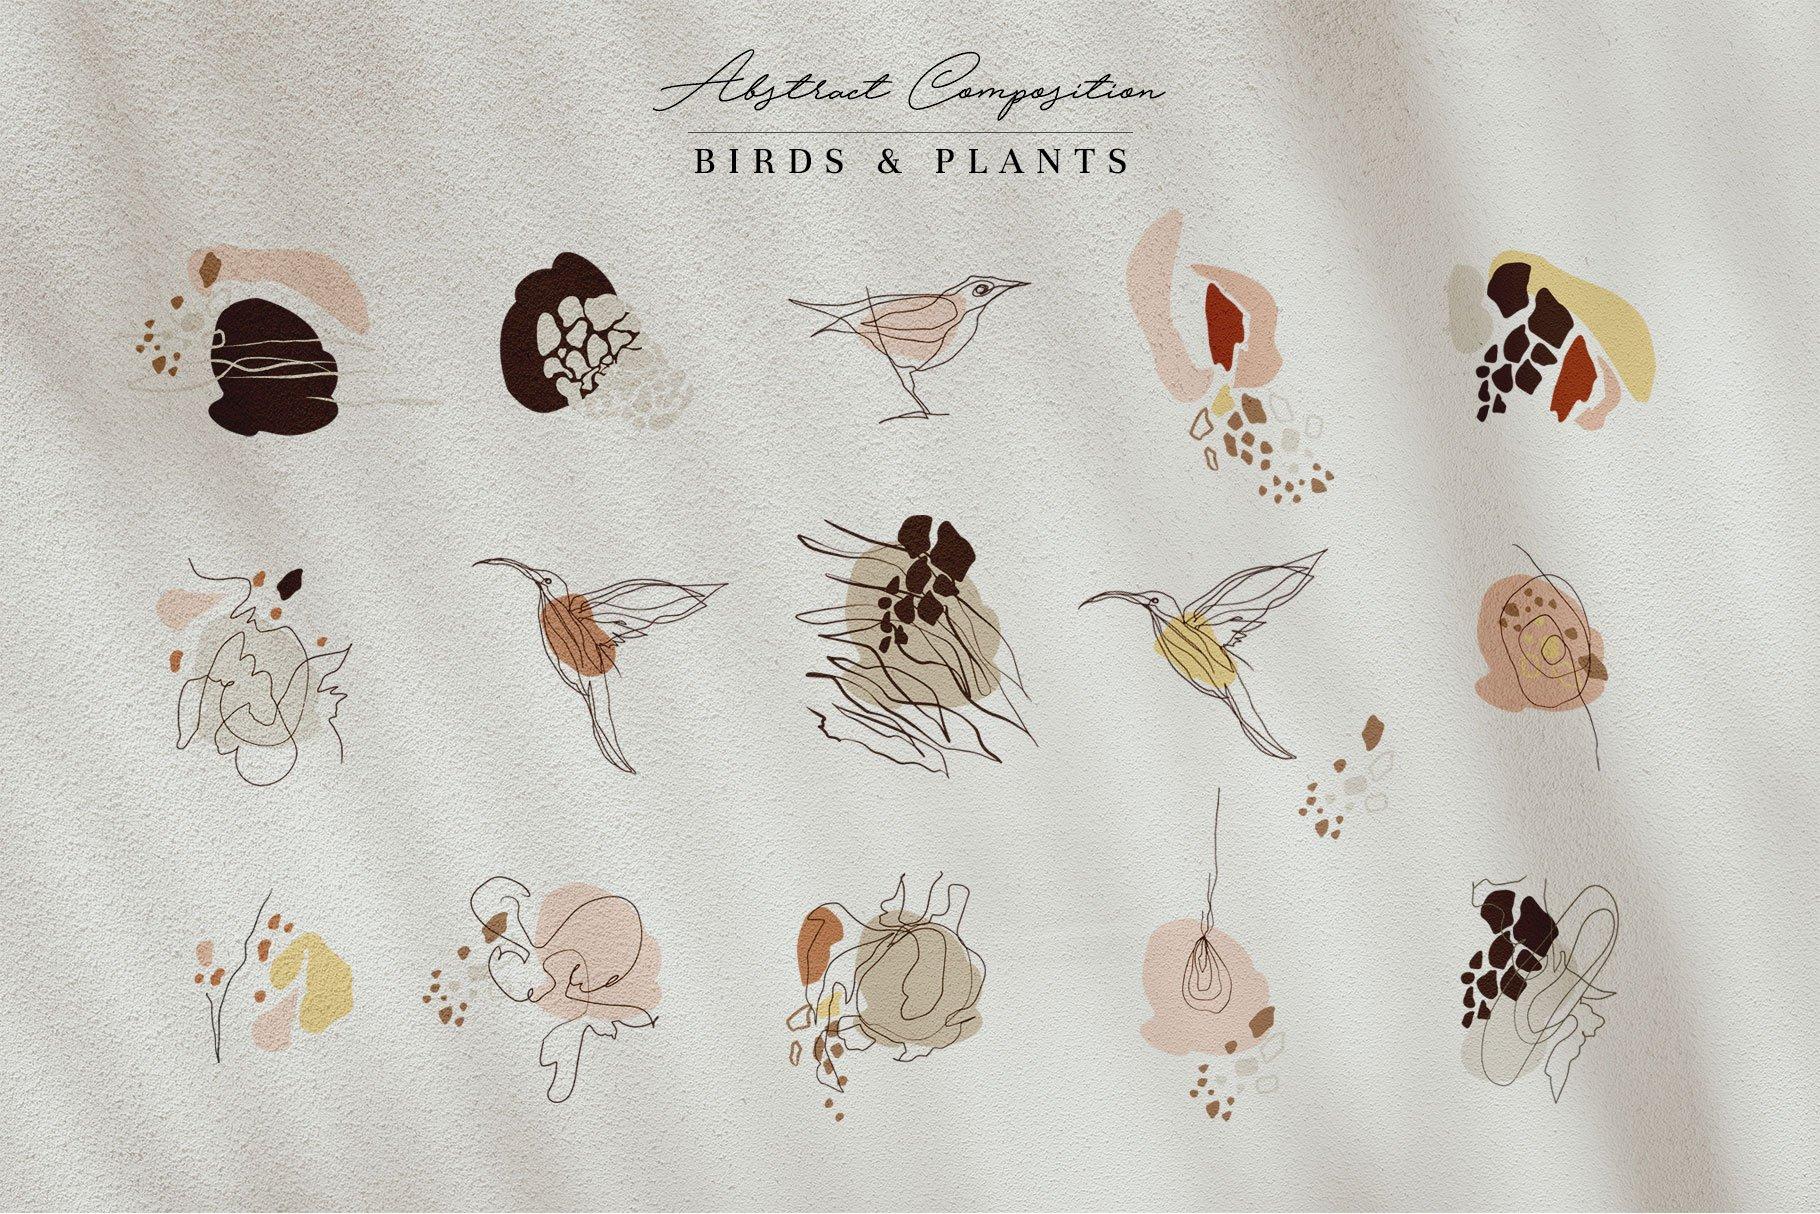 现代抽象几何图形鸟类矢量线条设计素材 Modern Abstraction Birds & Plants插图6